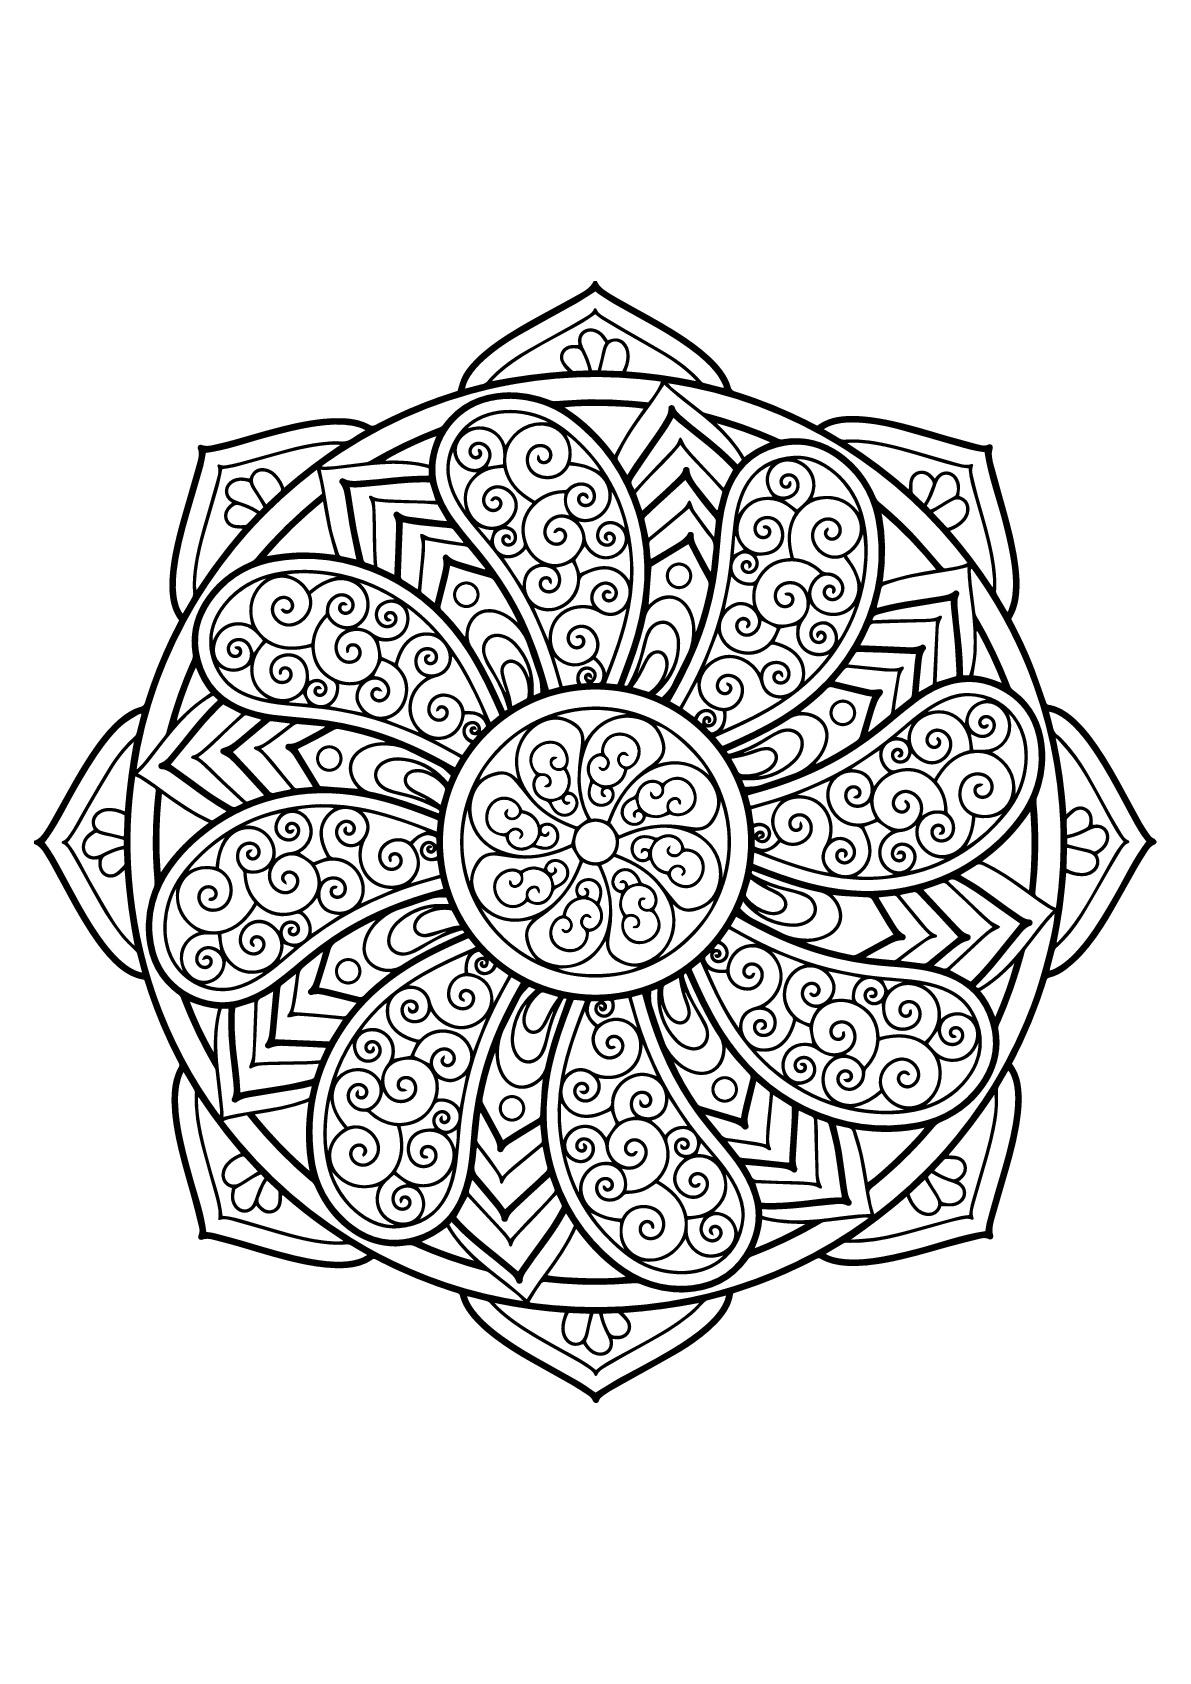 Mandala Livre Gratuit 27 Mandalas Coloriages Difficiles